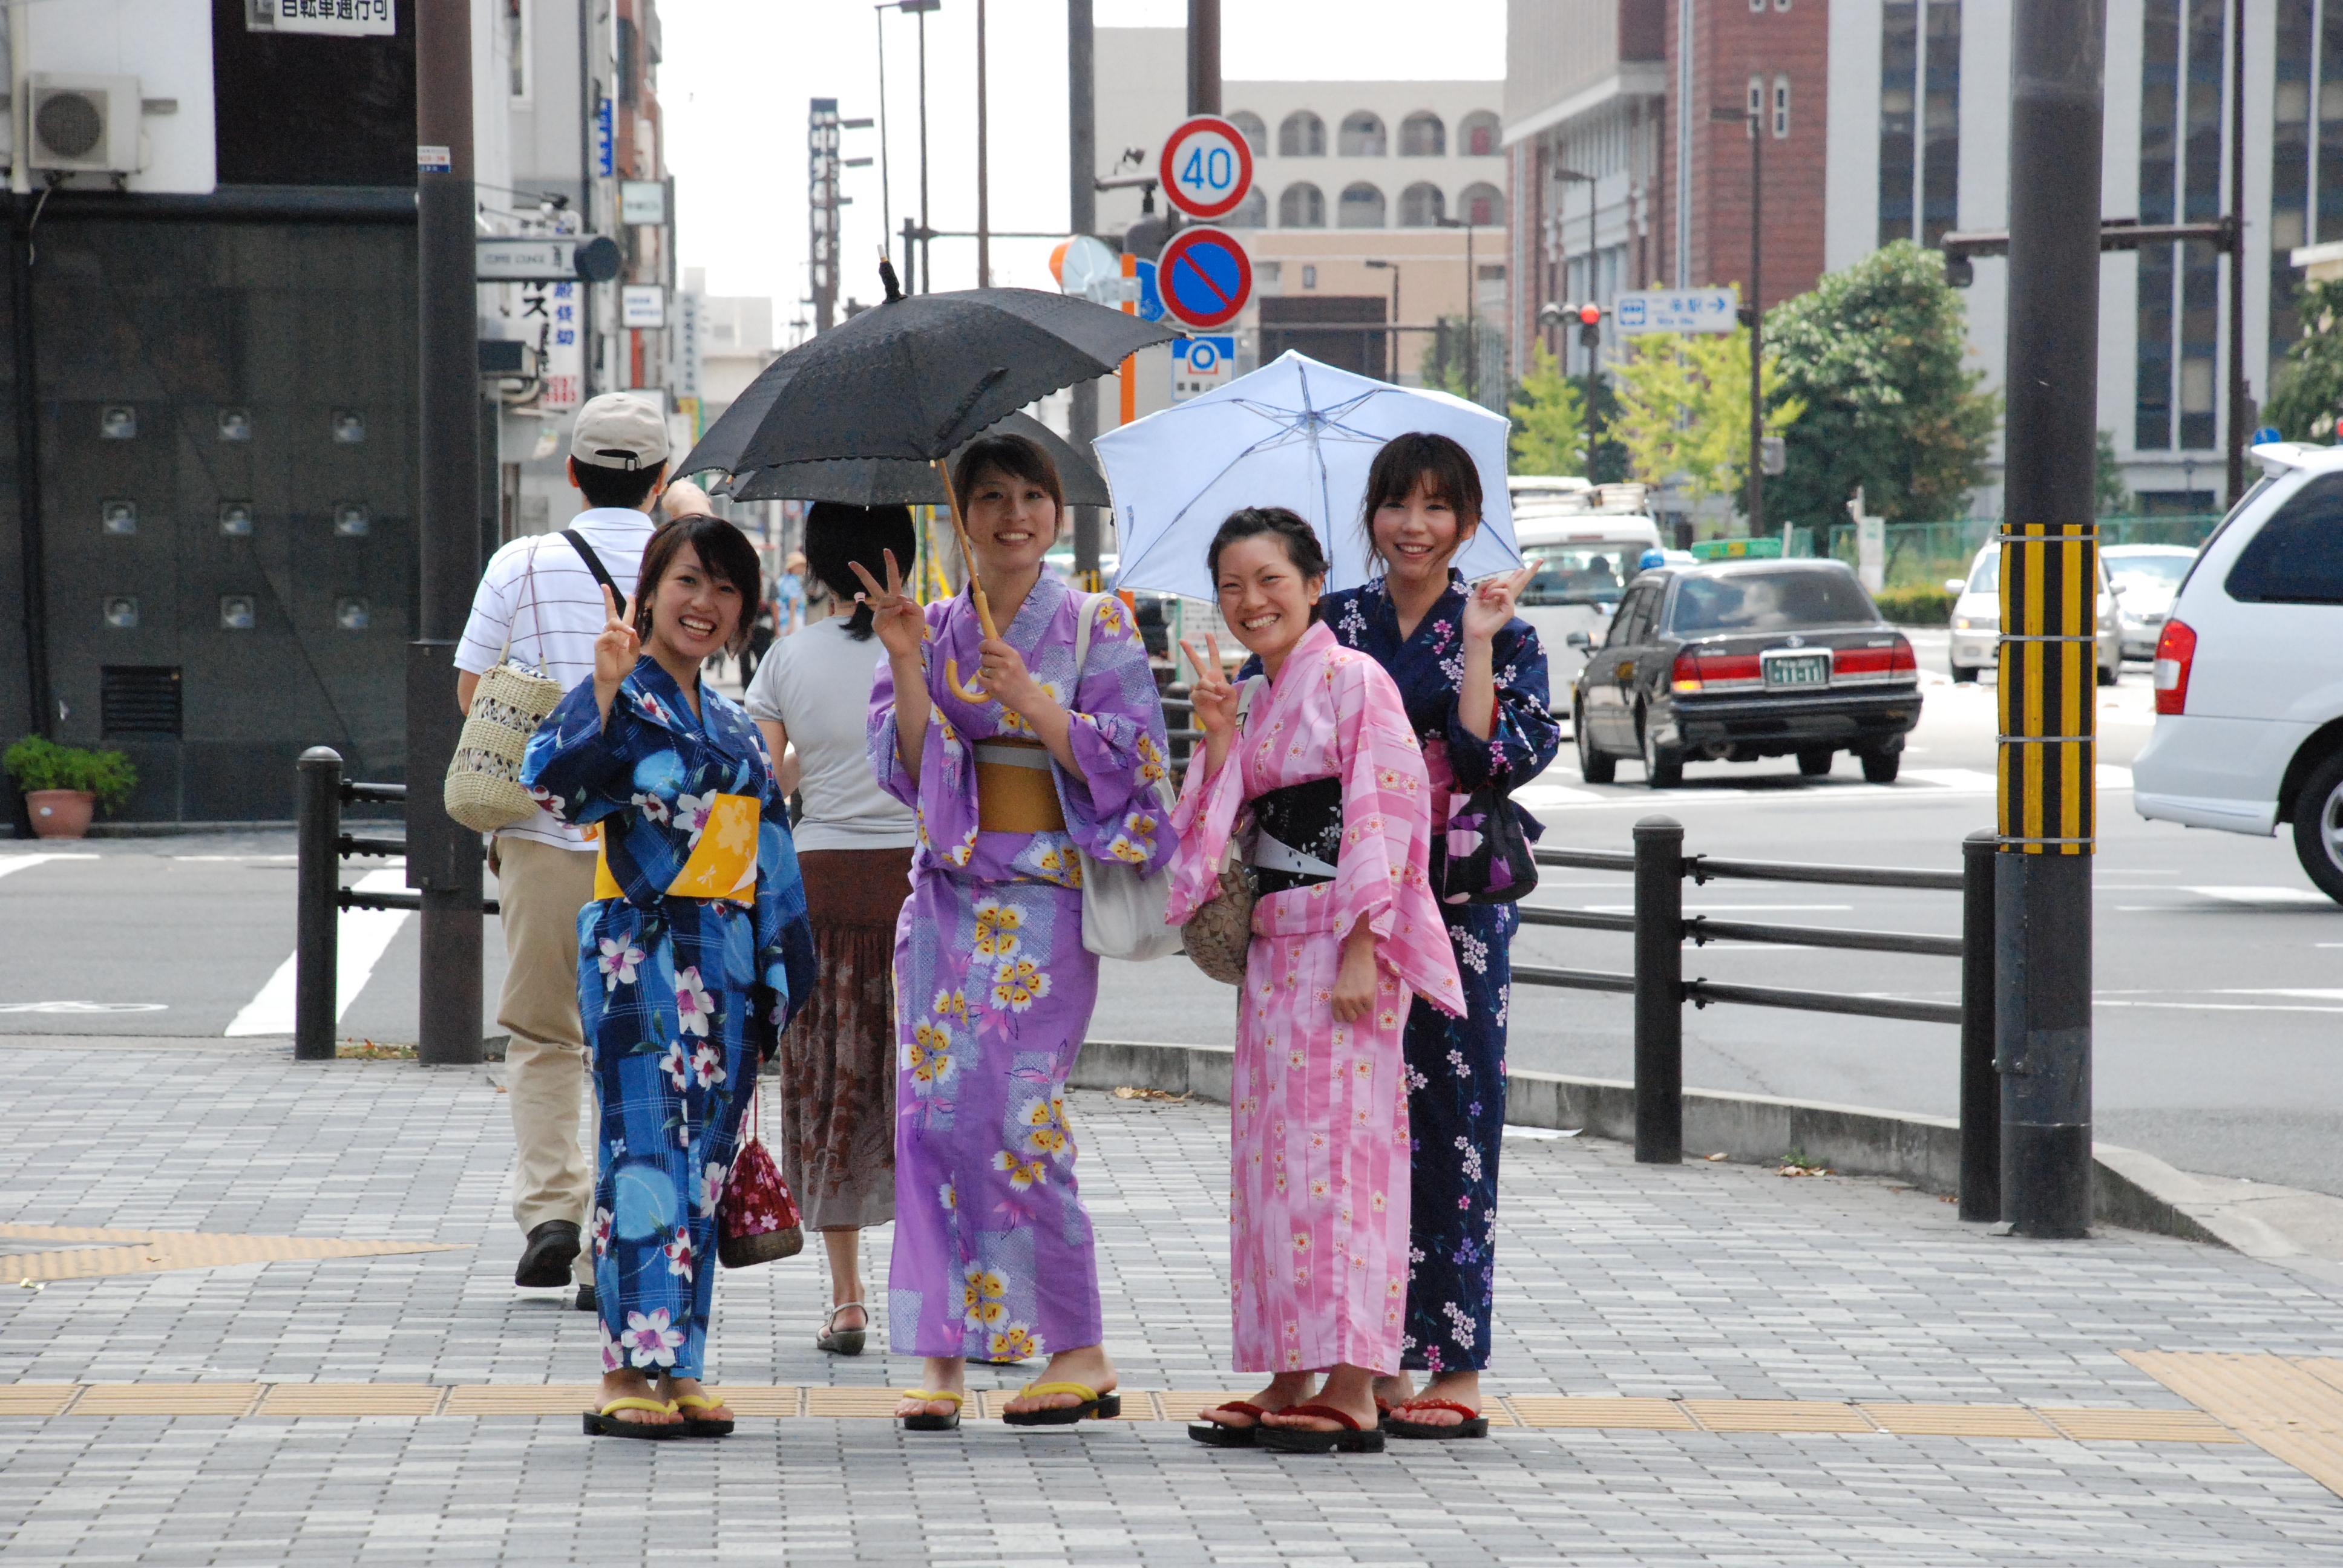 Chicas japonesas con Kimonos. Tokio